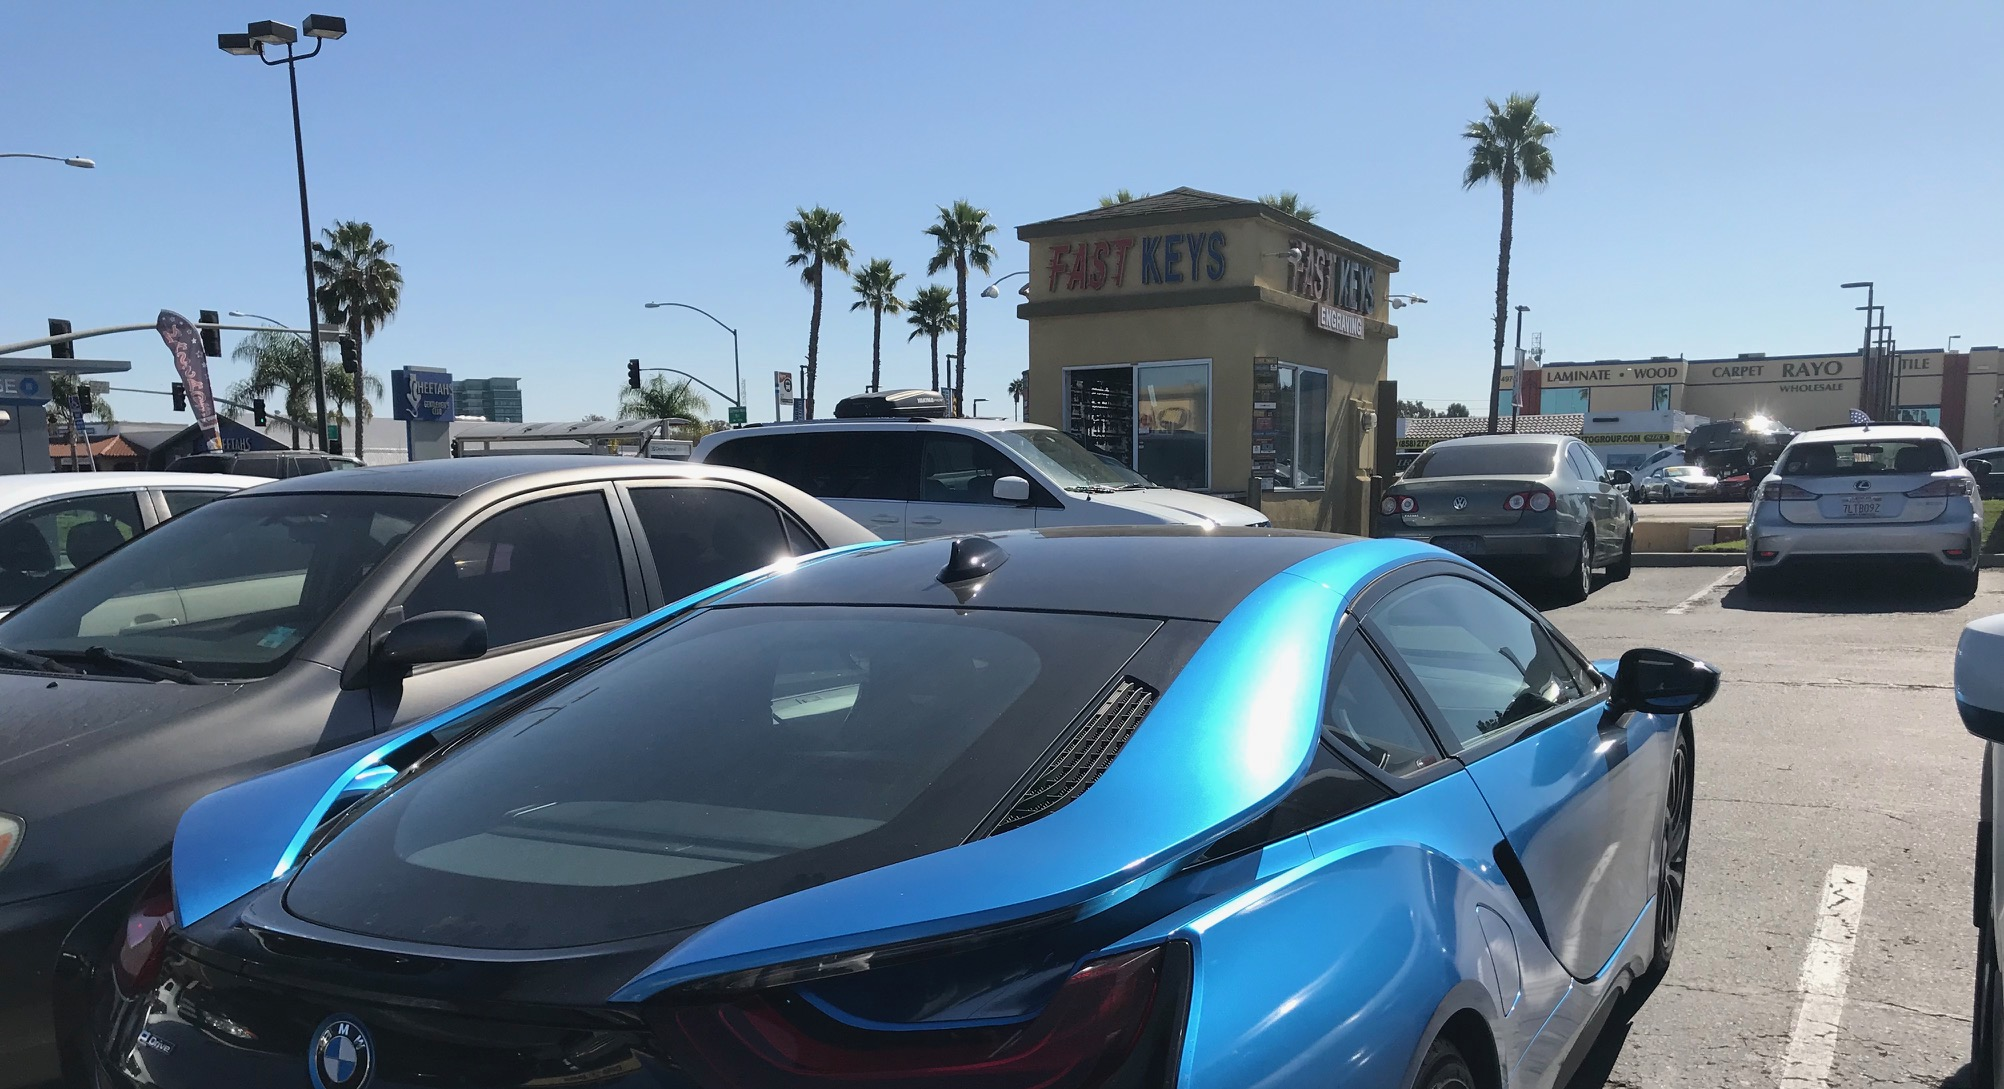 Fast Keys is now The Keyless Shop San Diego. For info visit  http://www.keylessshop.com/keylessshopsandiego/